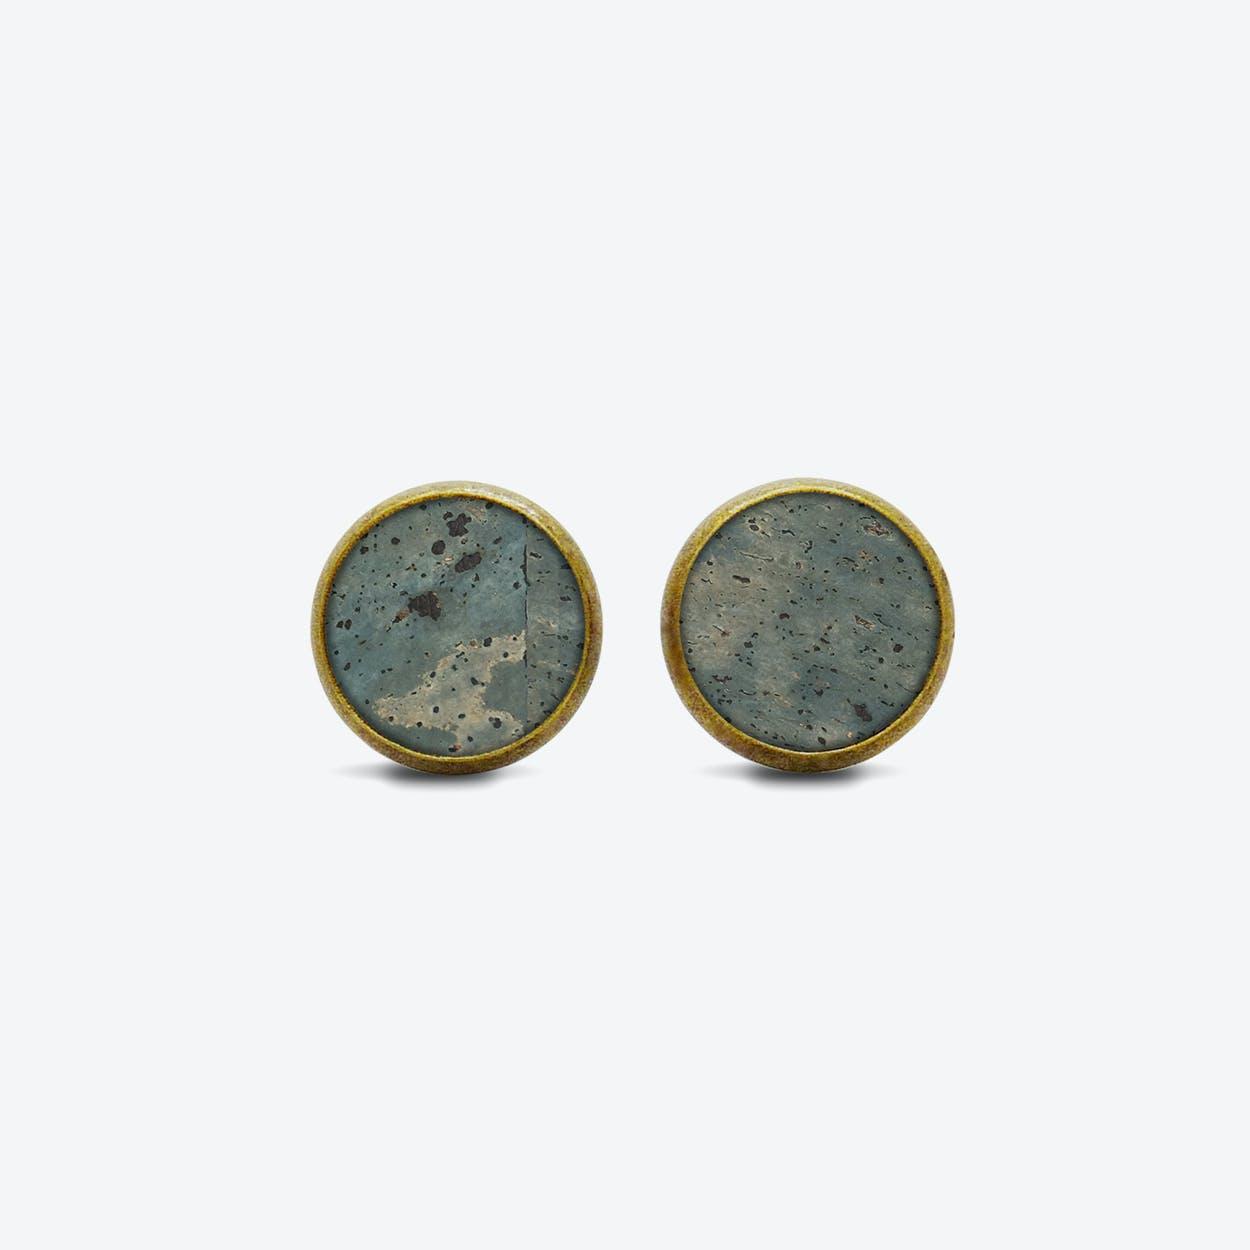 Cork Dot Earrings in Smoke Green